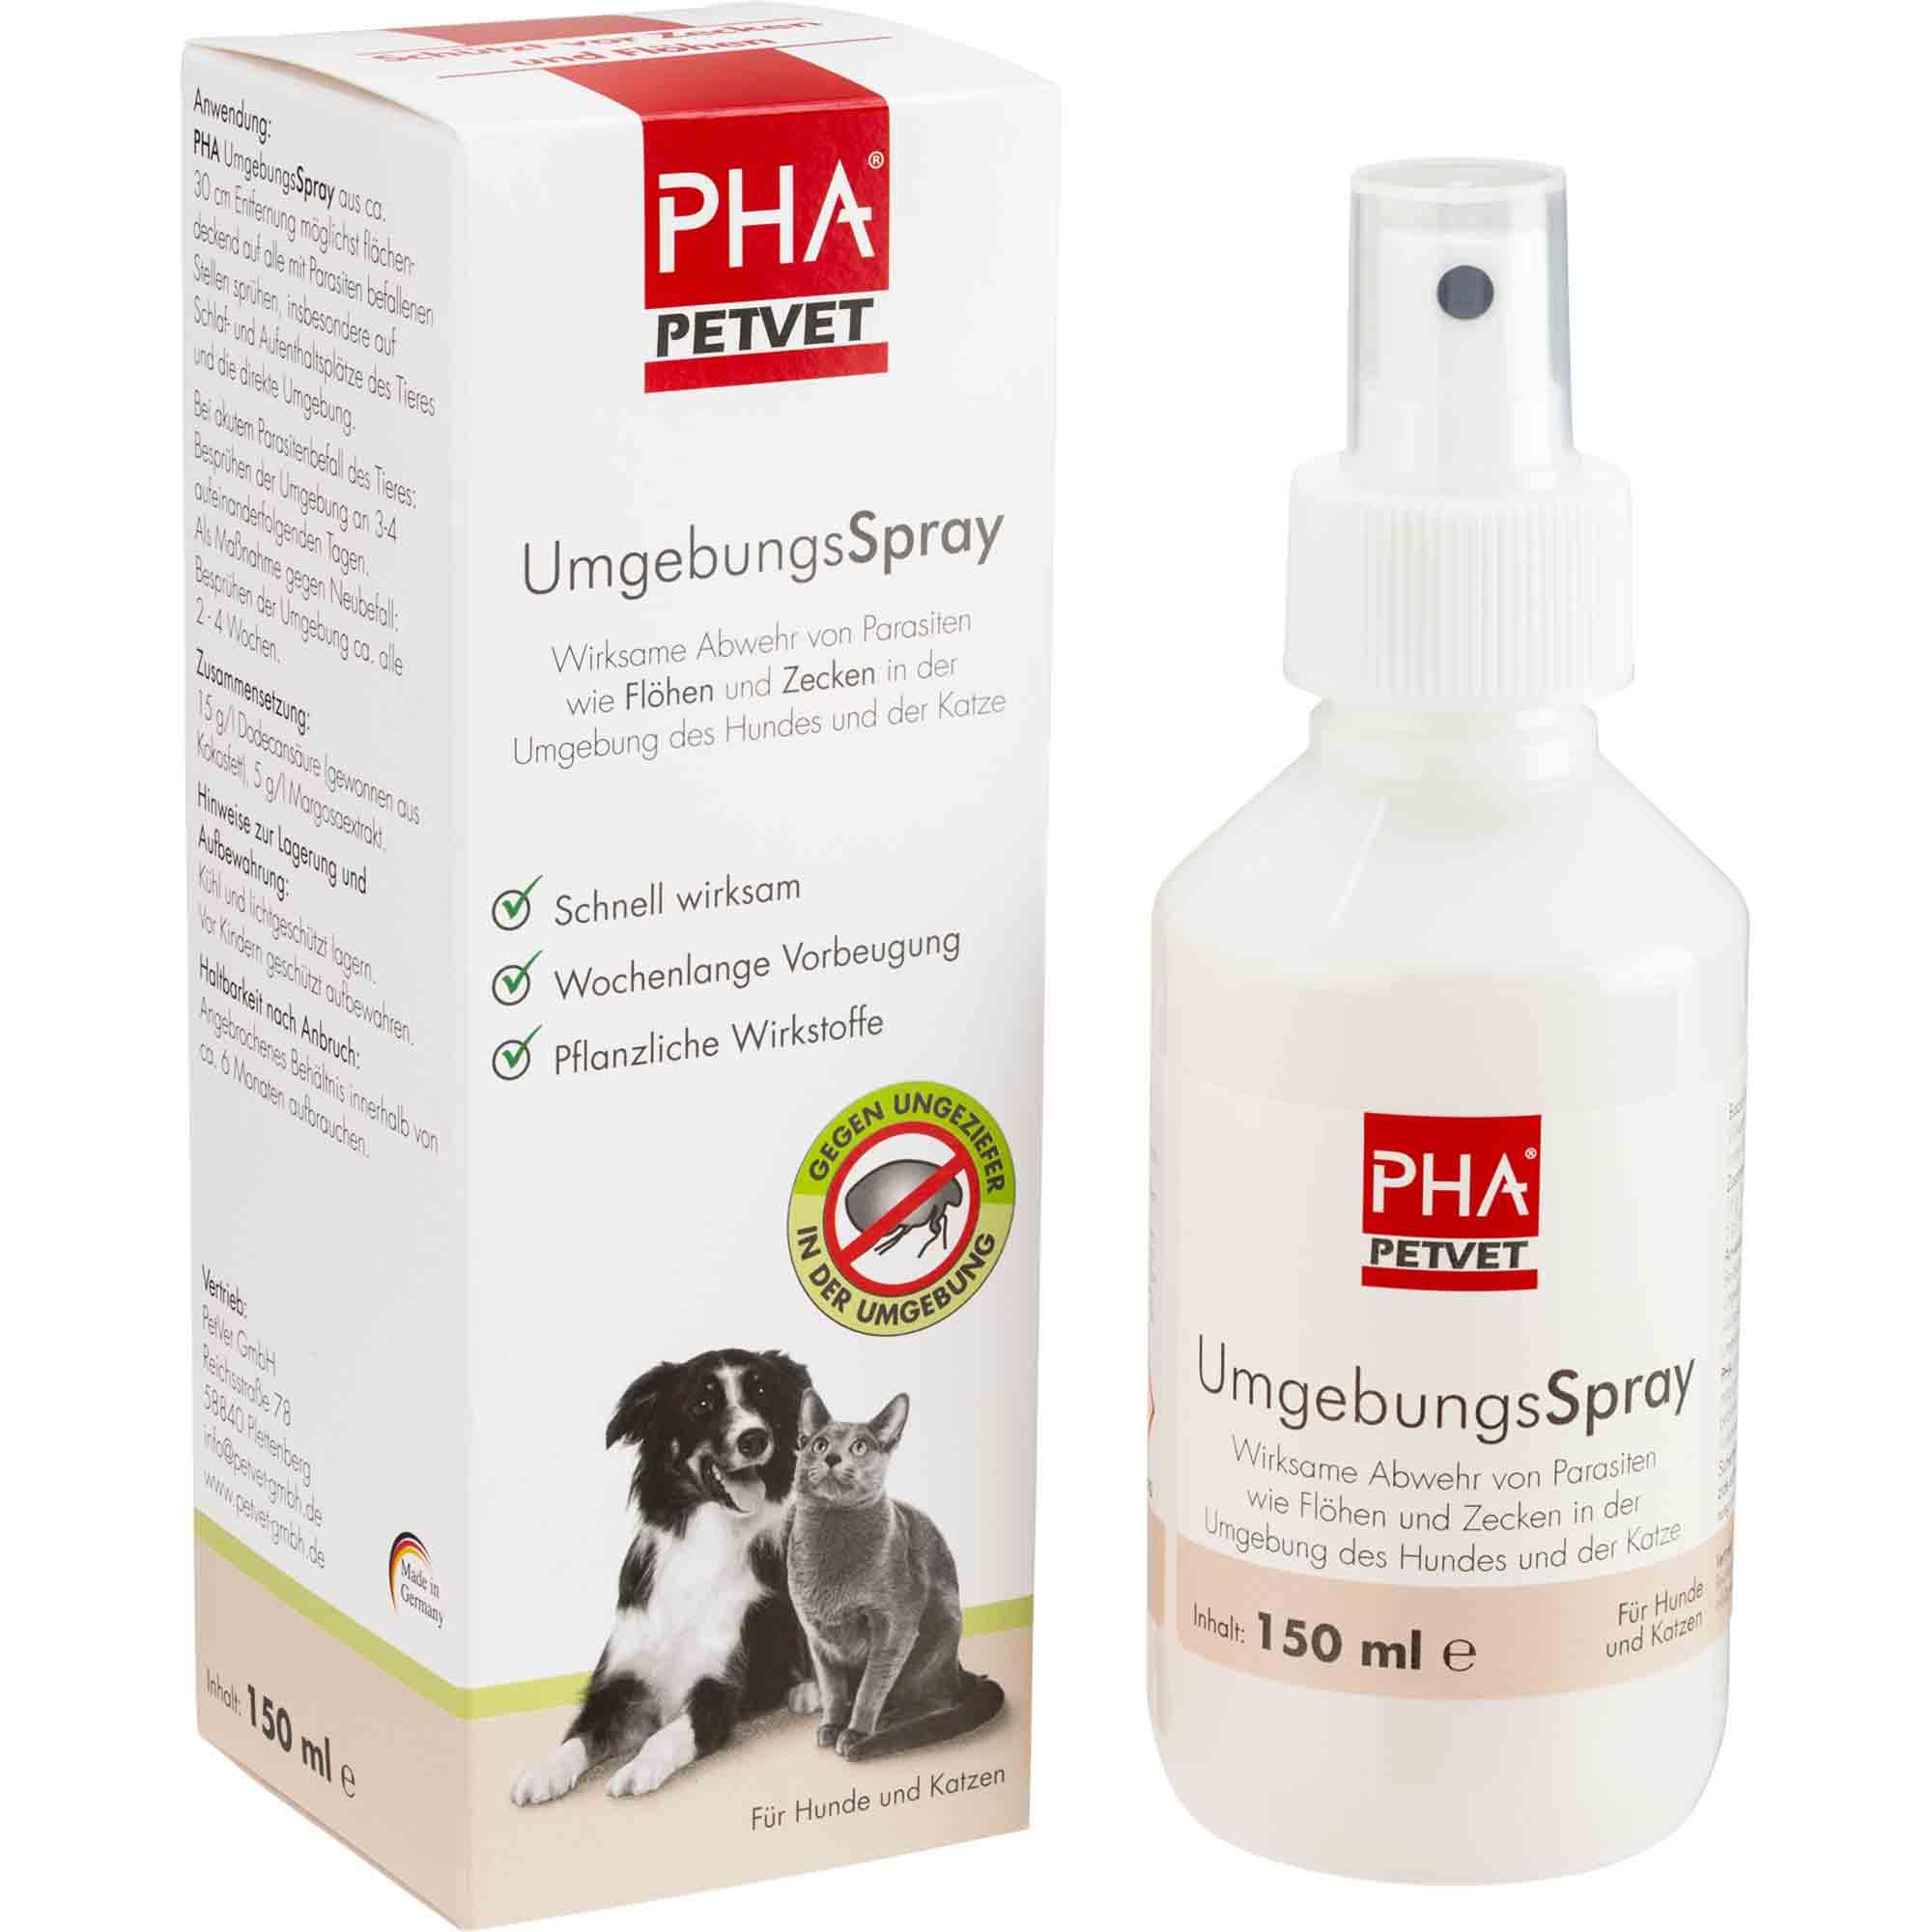 PHA UmgebungsSpray für Hunde und Katzen 150ml